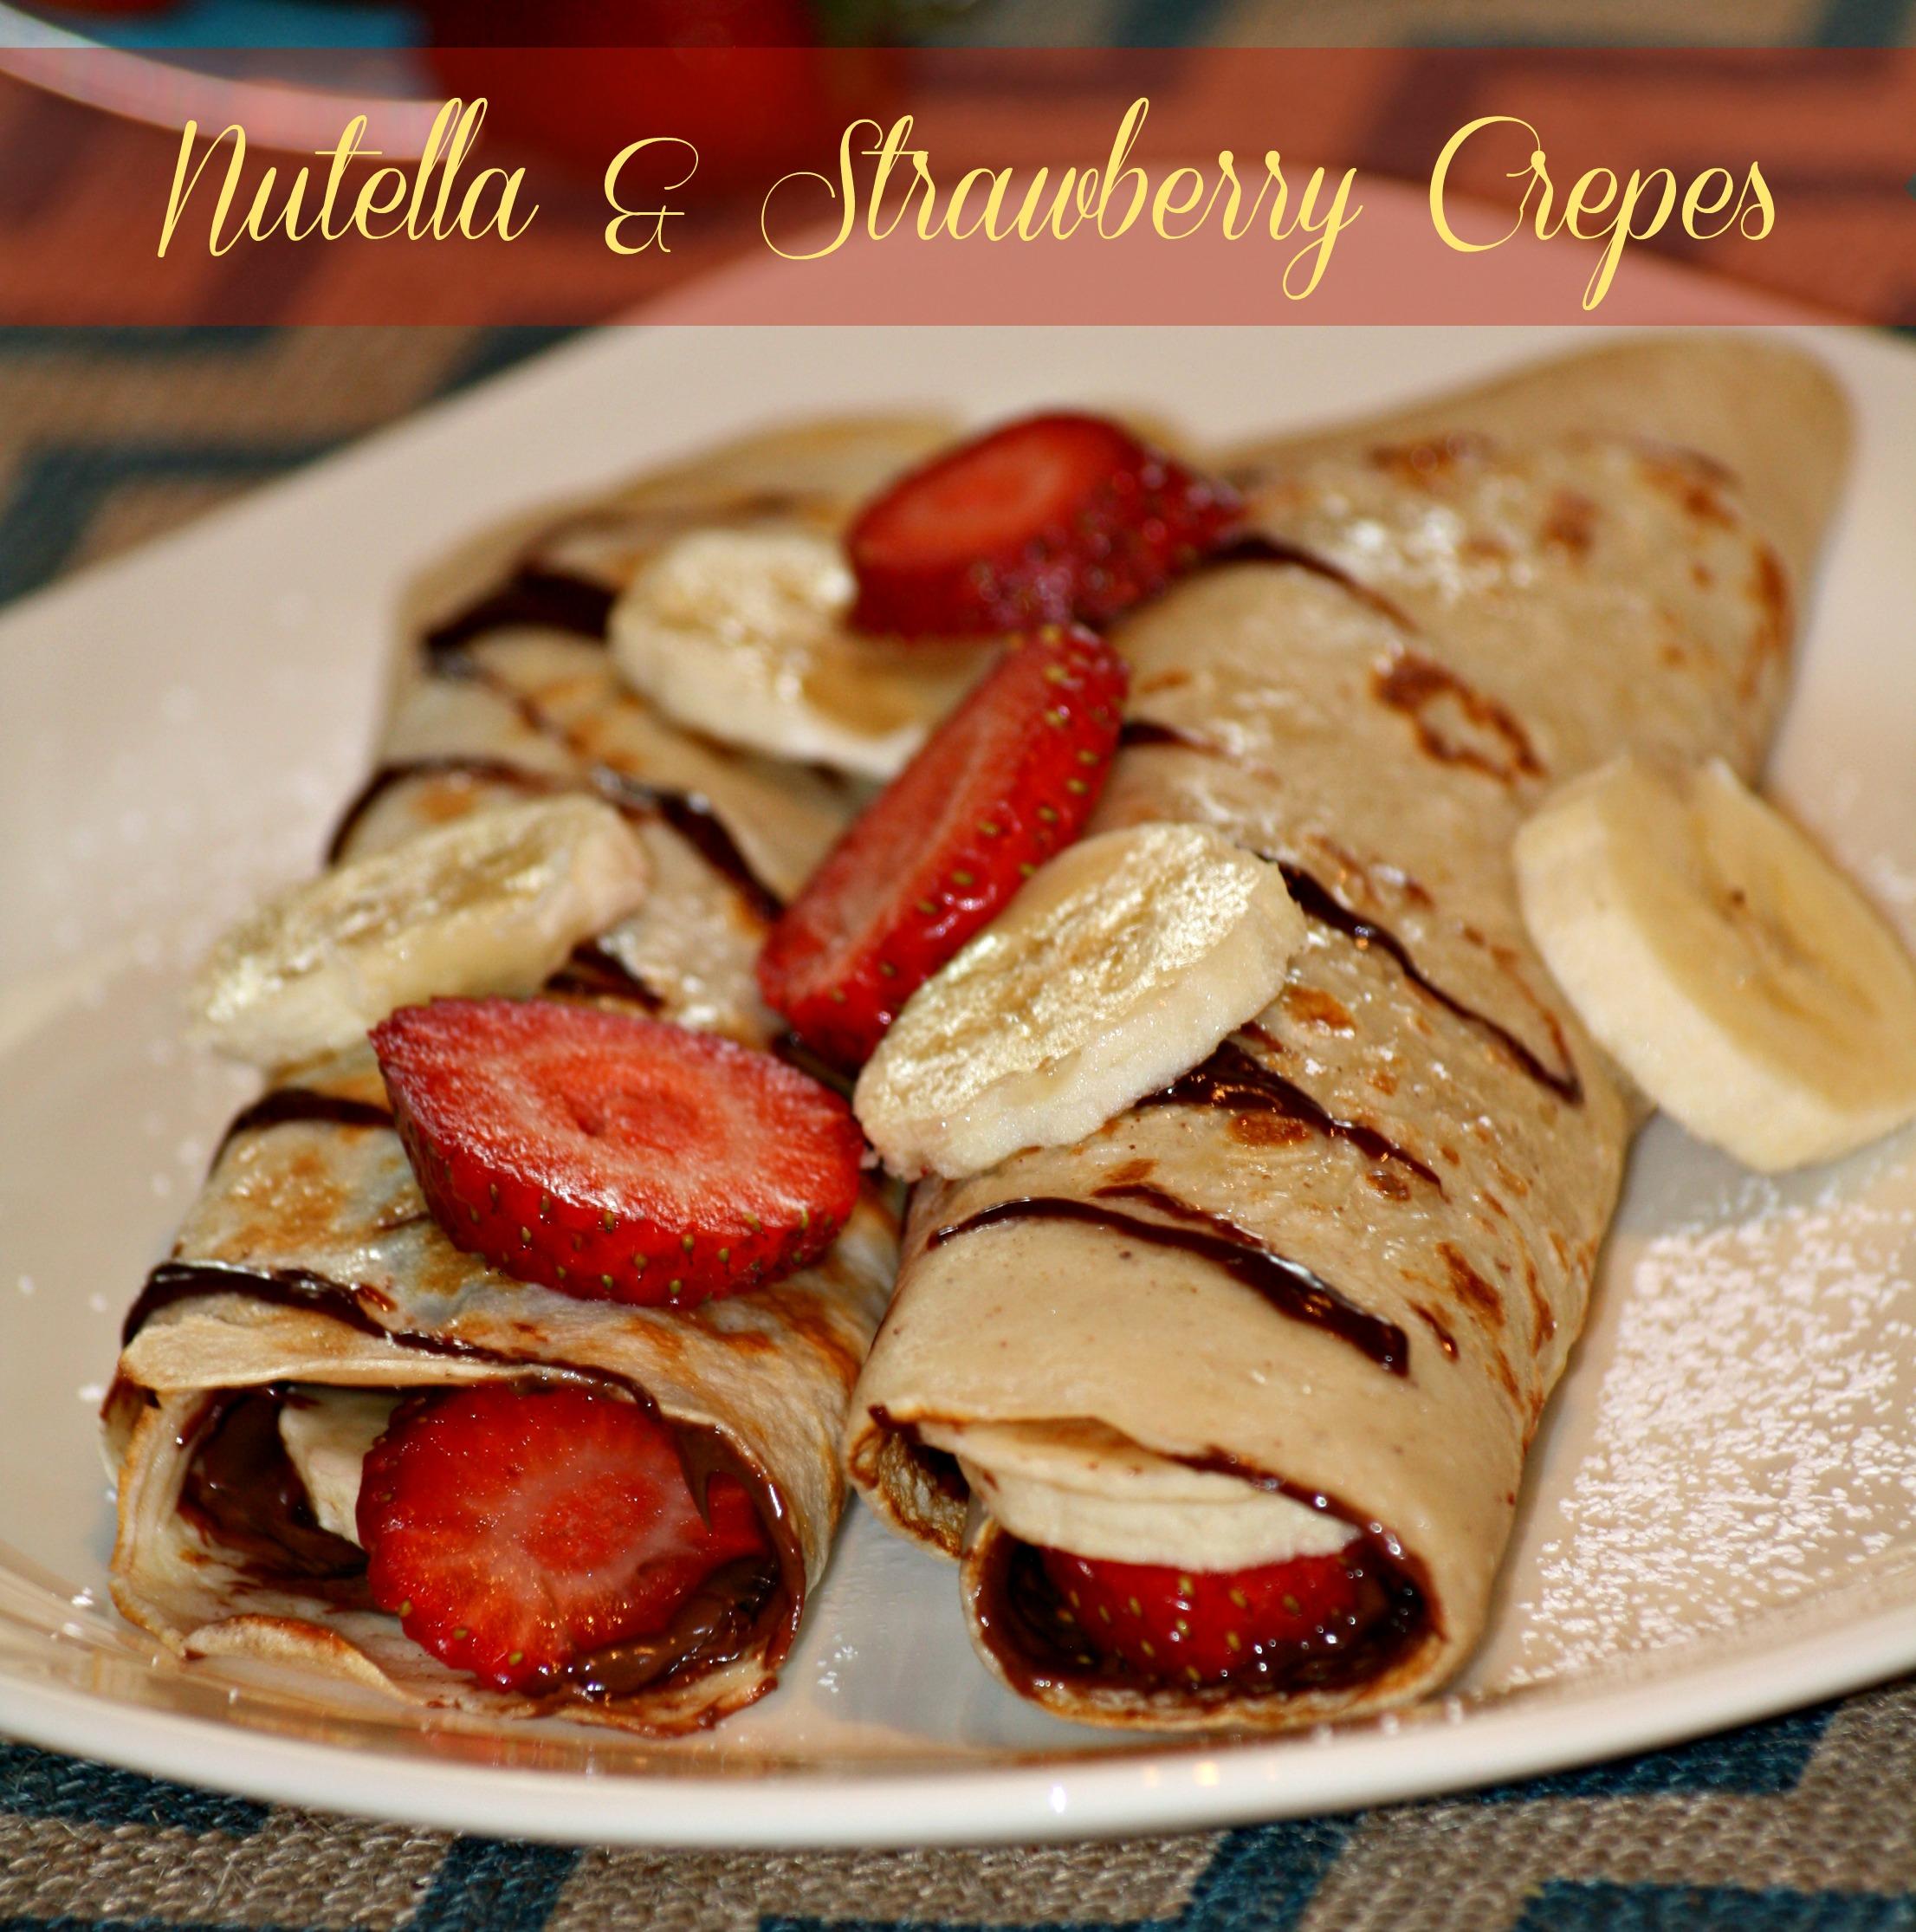 Strawberry And Nutella Crepes Recipe — Dishmaps